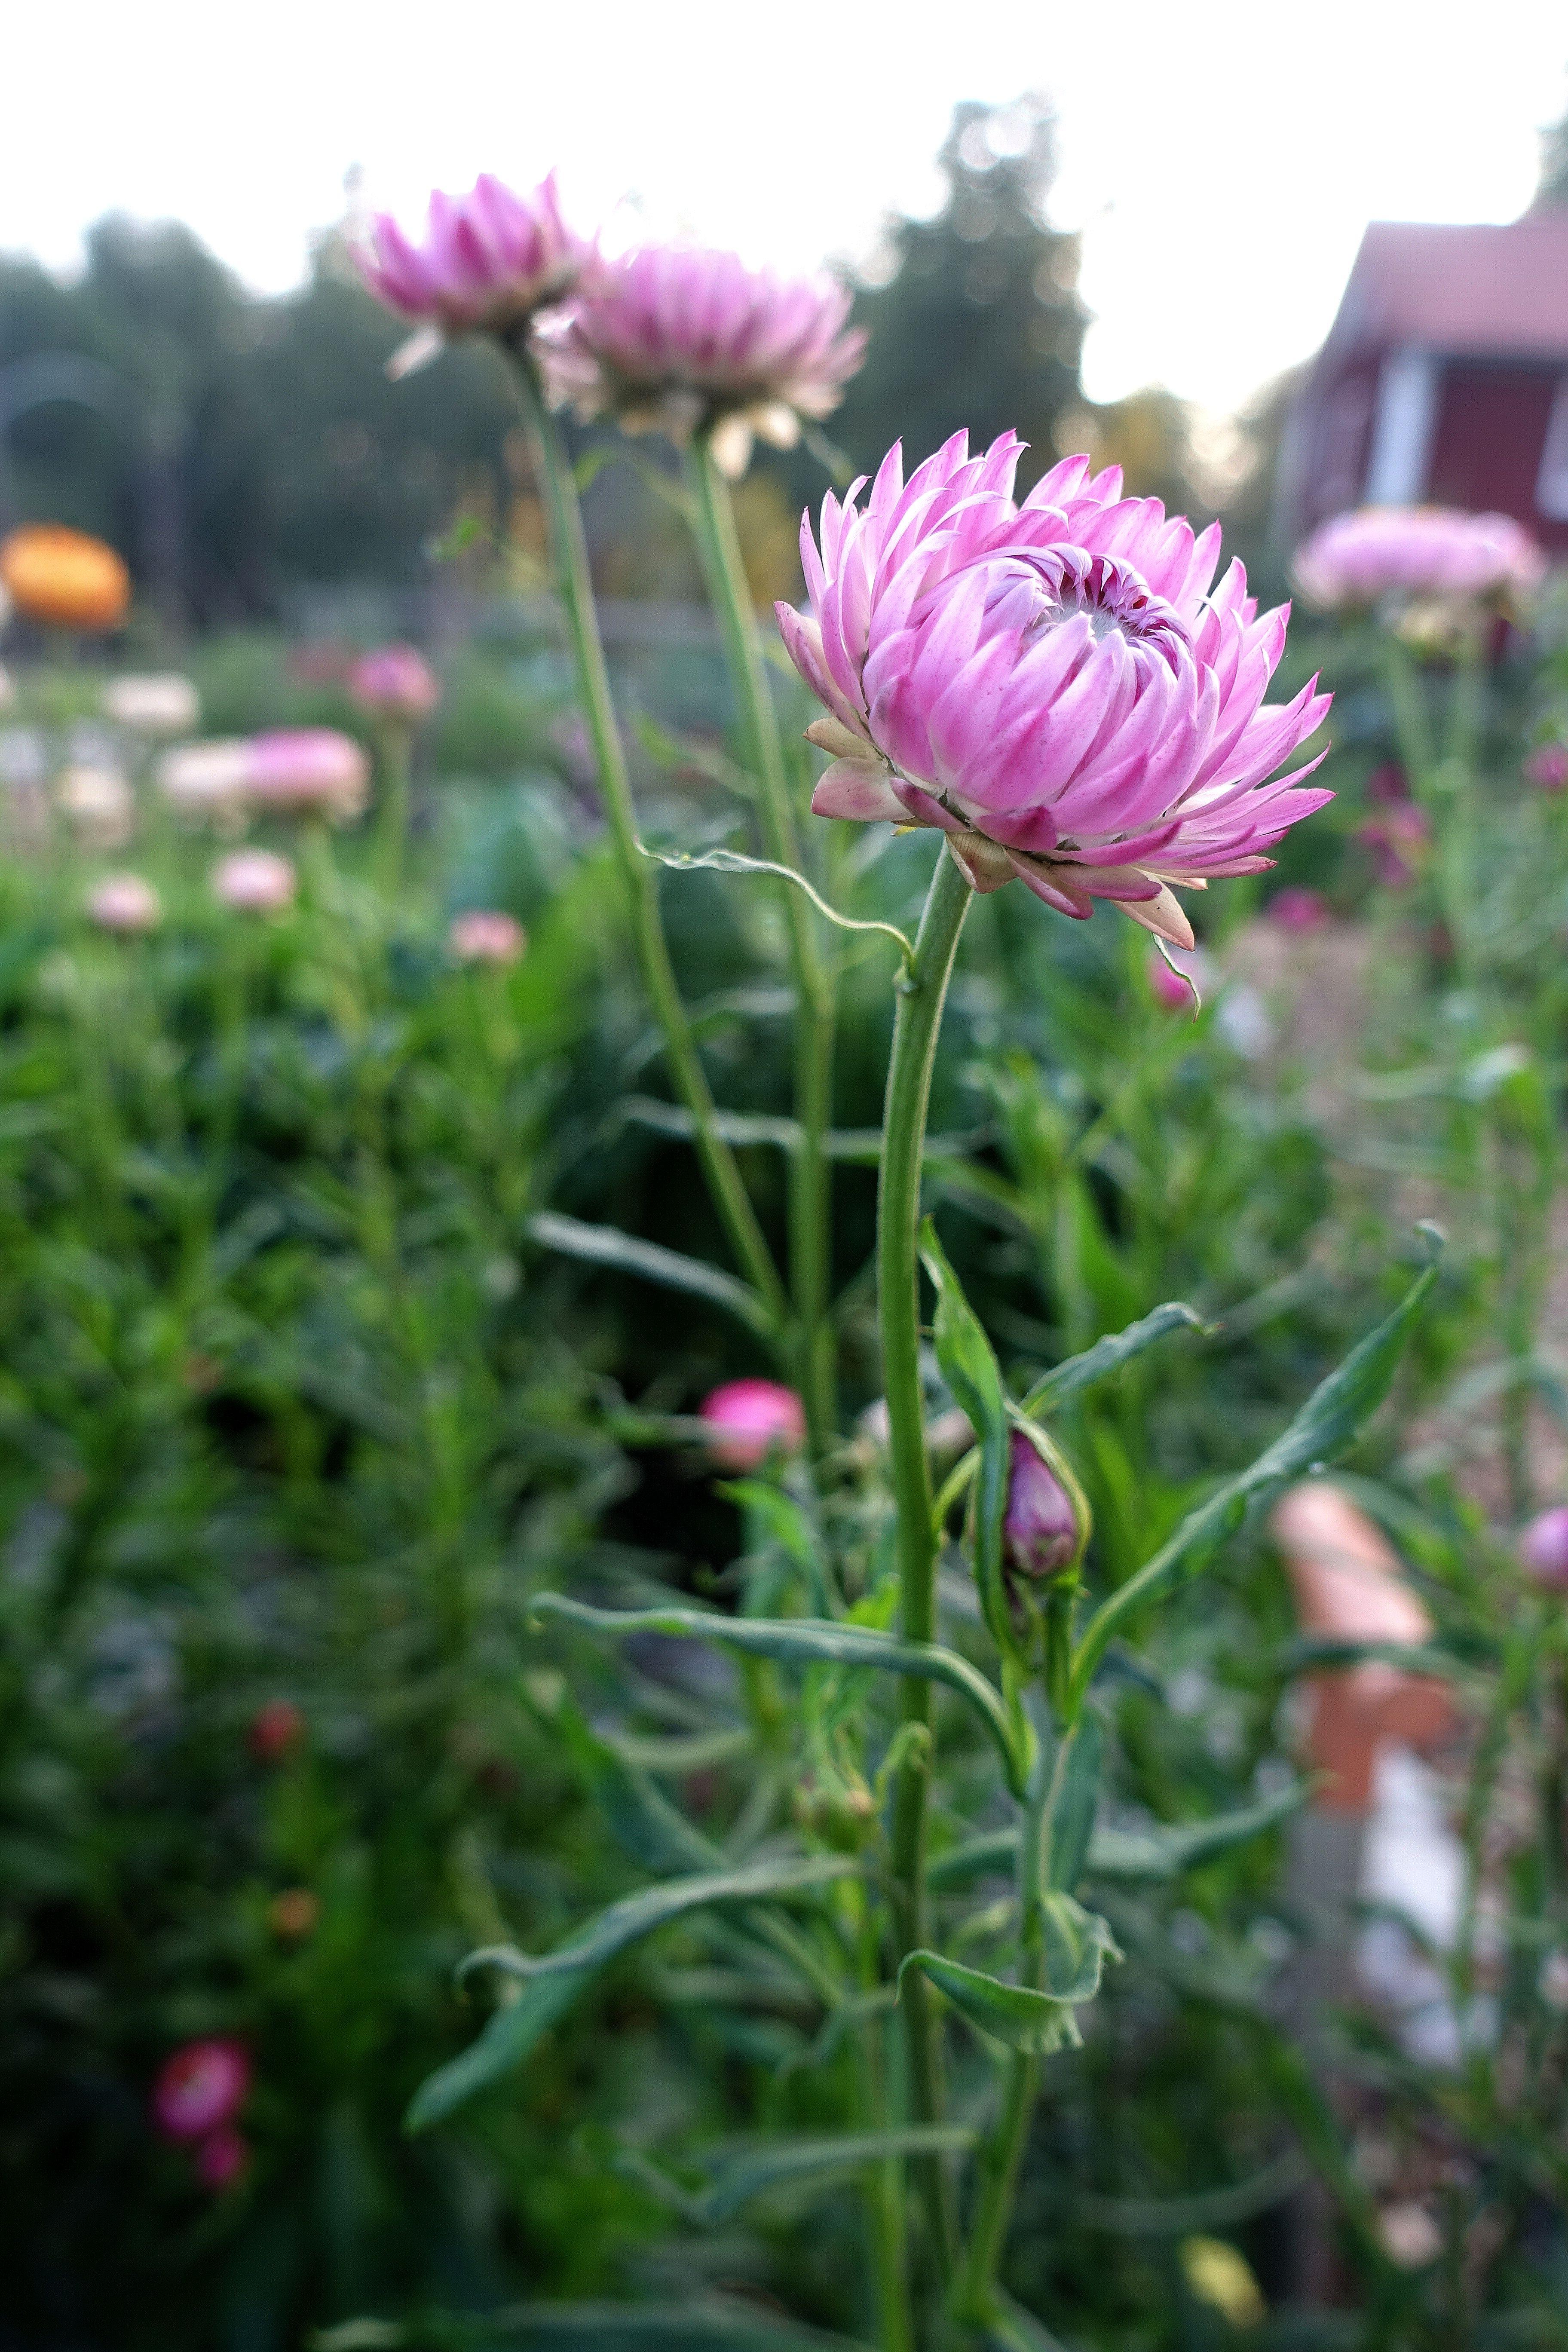 Närbild på en rosa blomma. Close up of a pink everlasting flower.